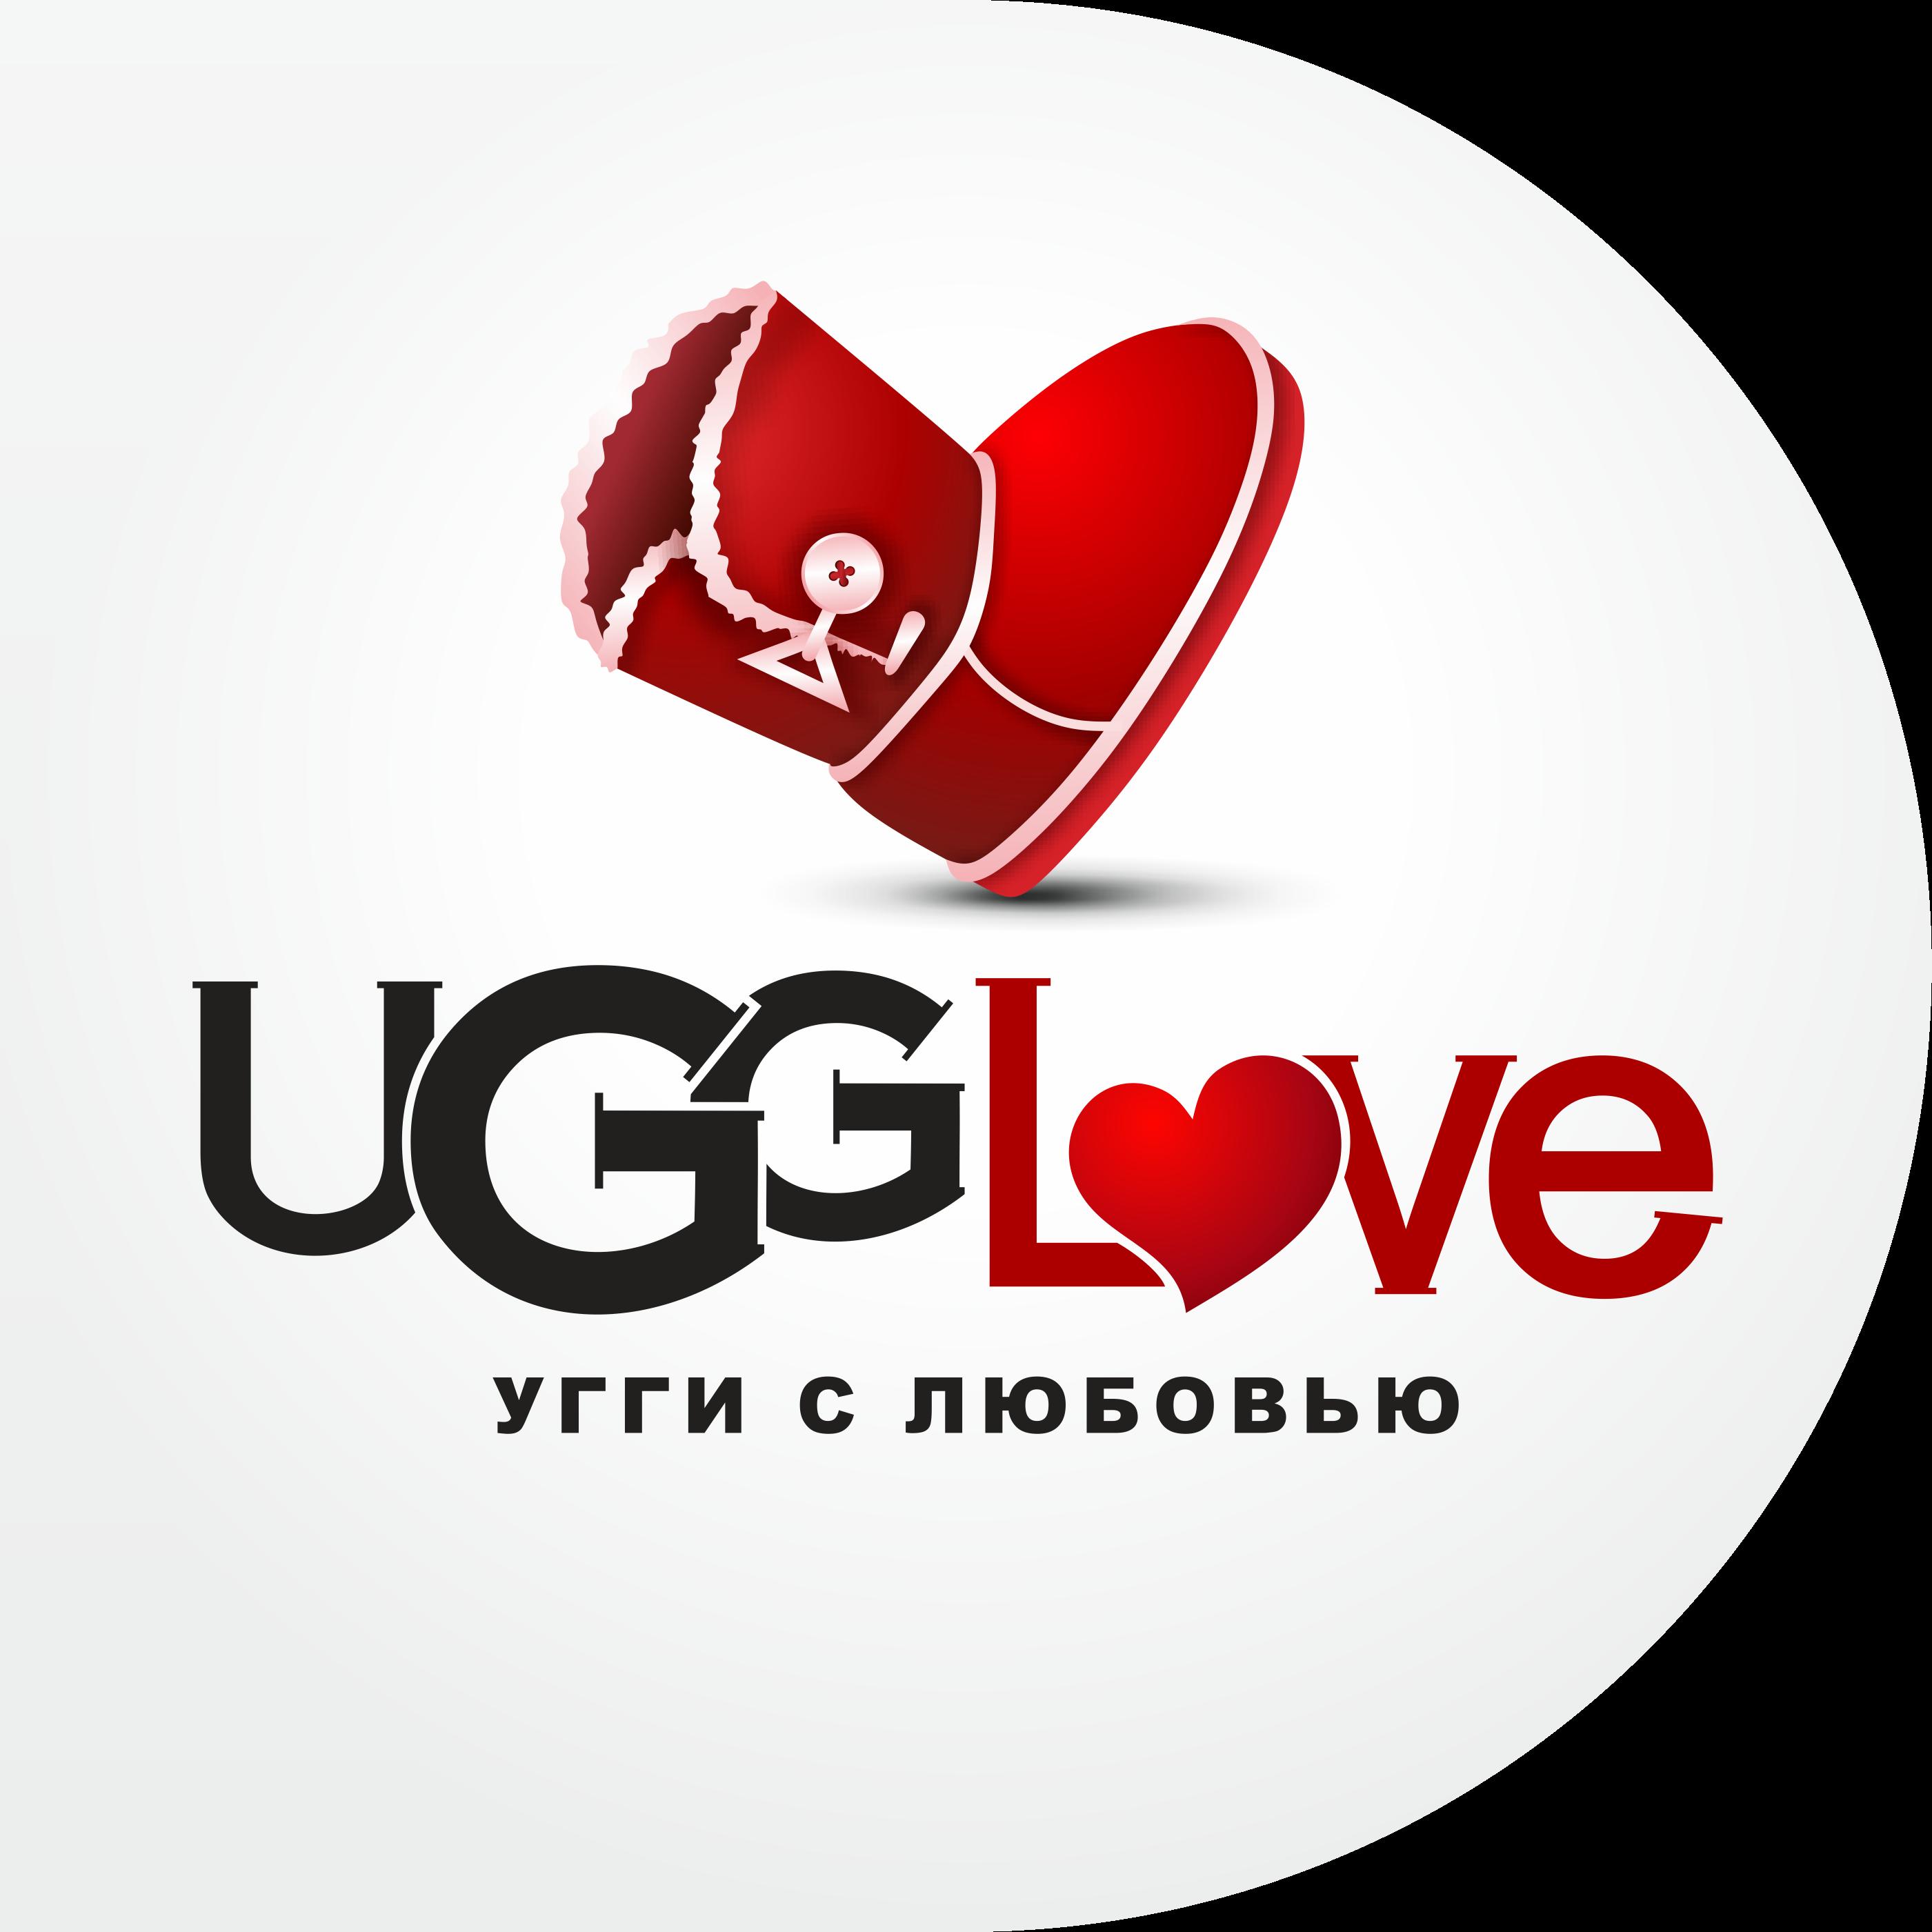 Ugglove